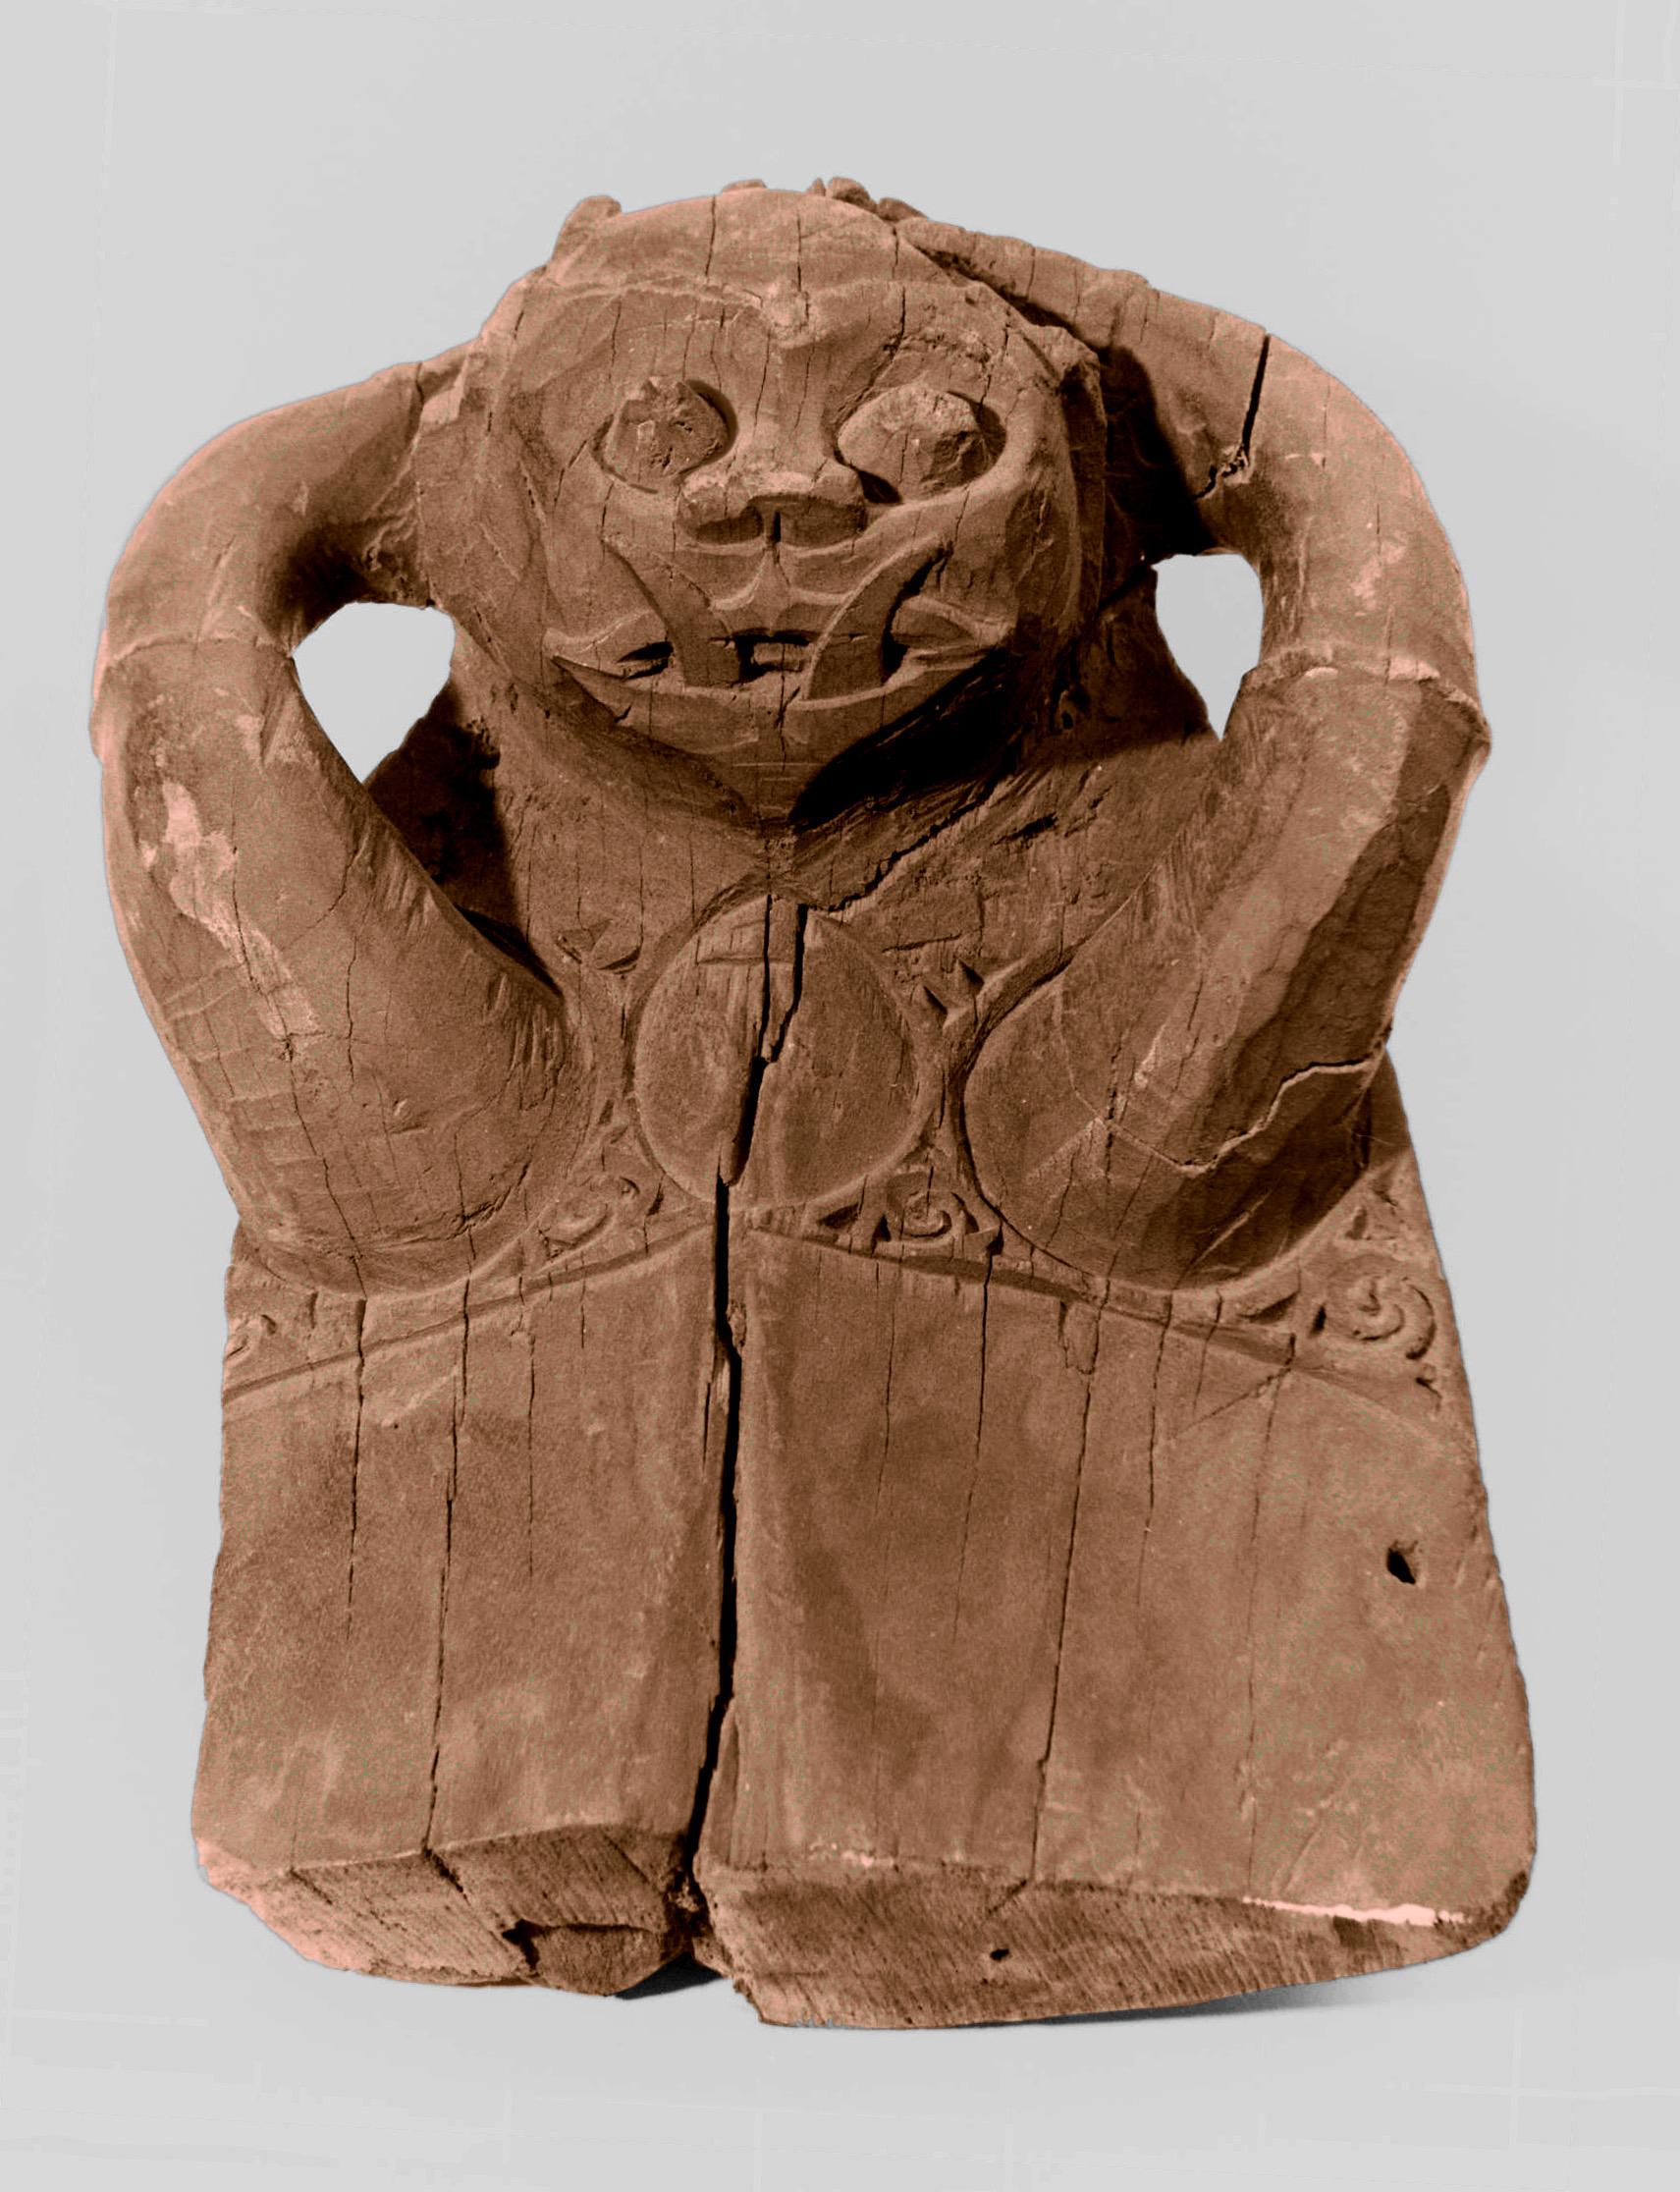 Carved Canoe Prow Ornament © Penn Museum | Pennsylvania, USA